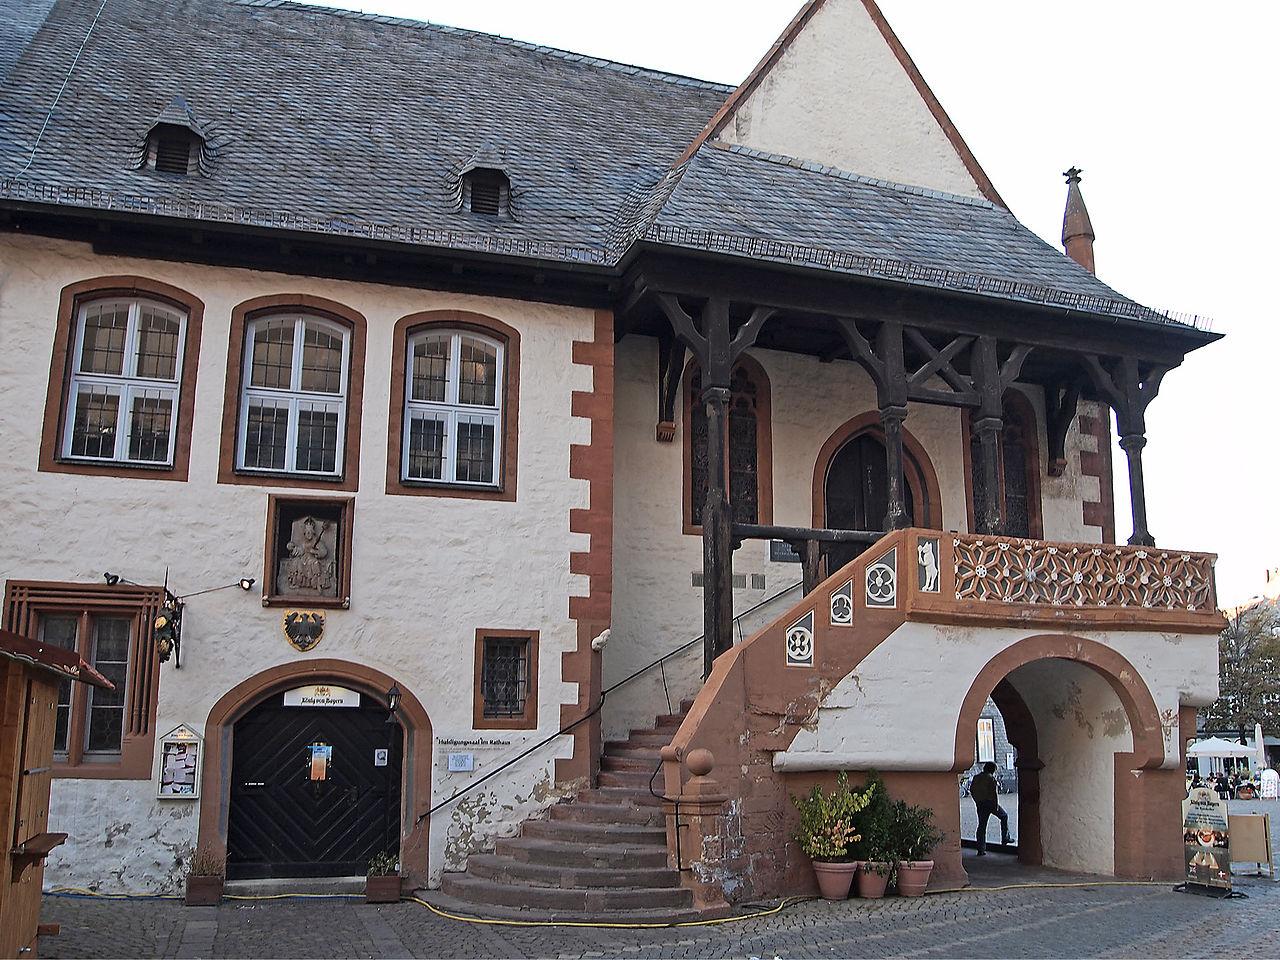 1280px-Goslar_Rathaus_Eingang_Huldigungssaal